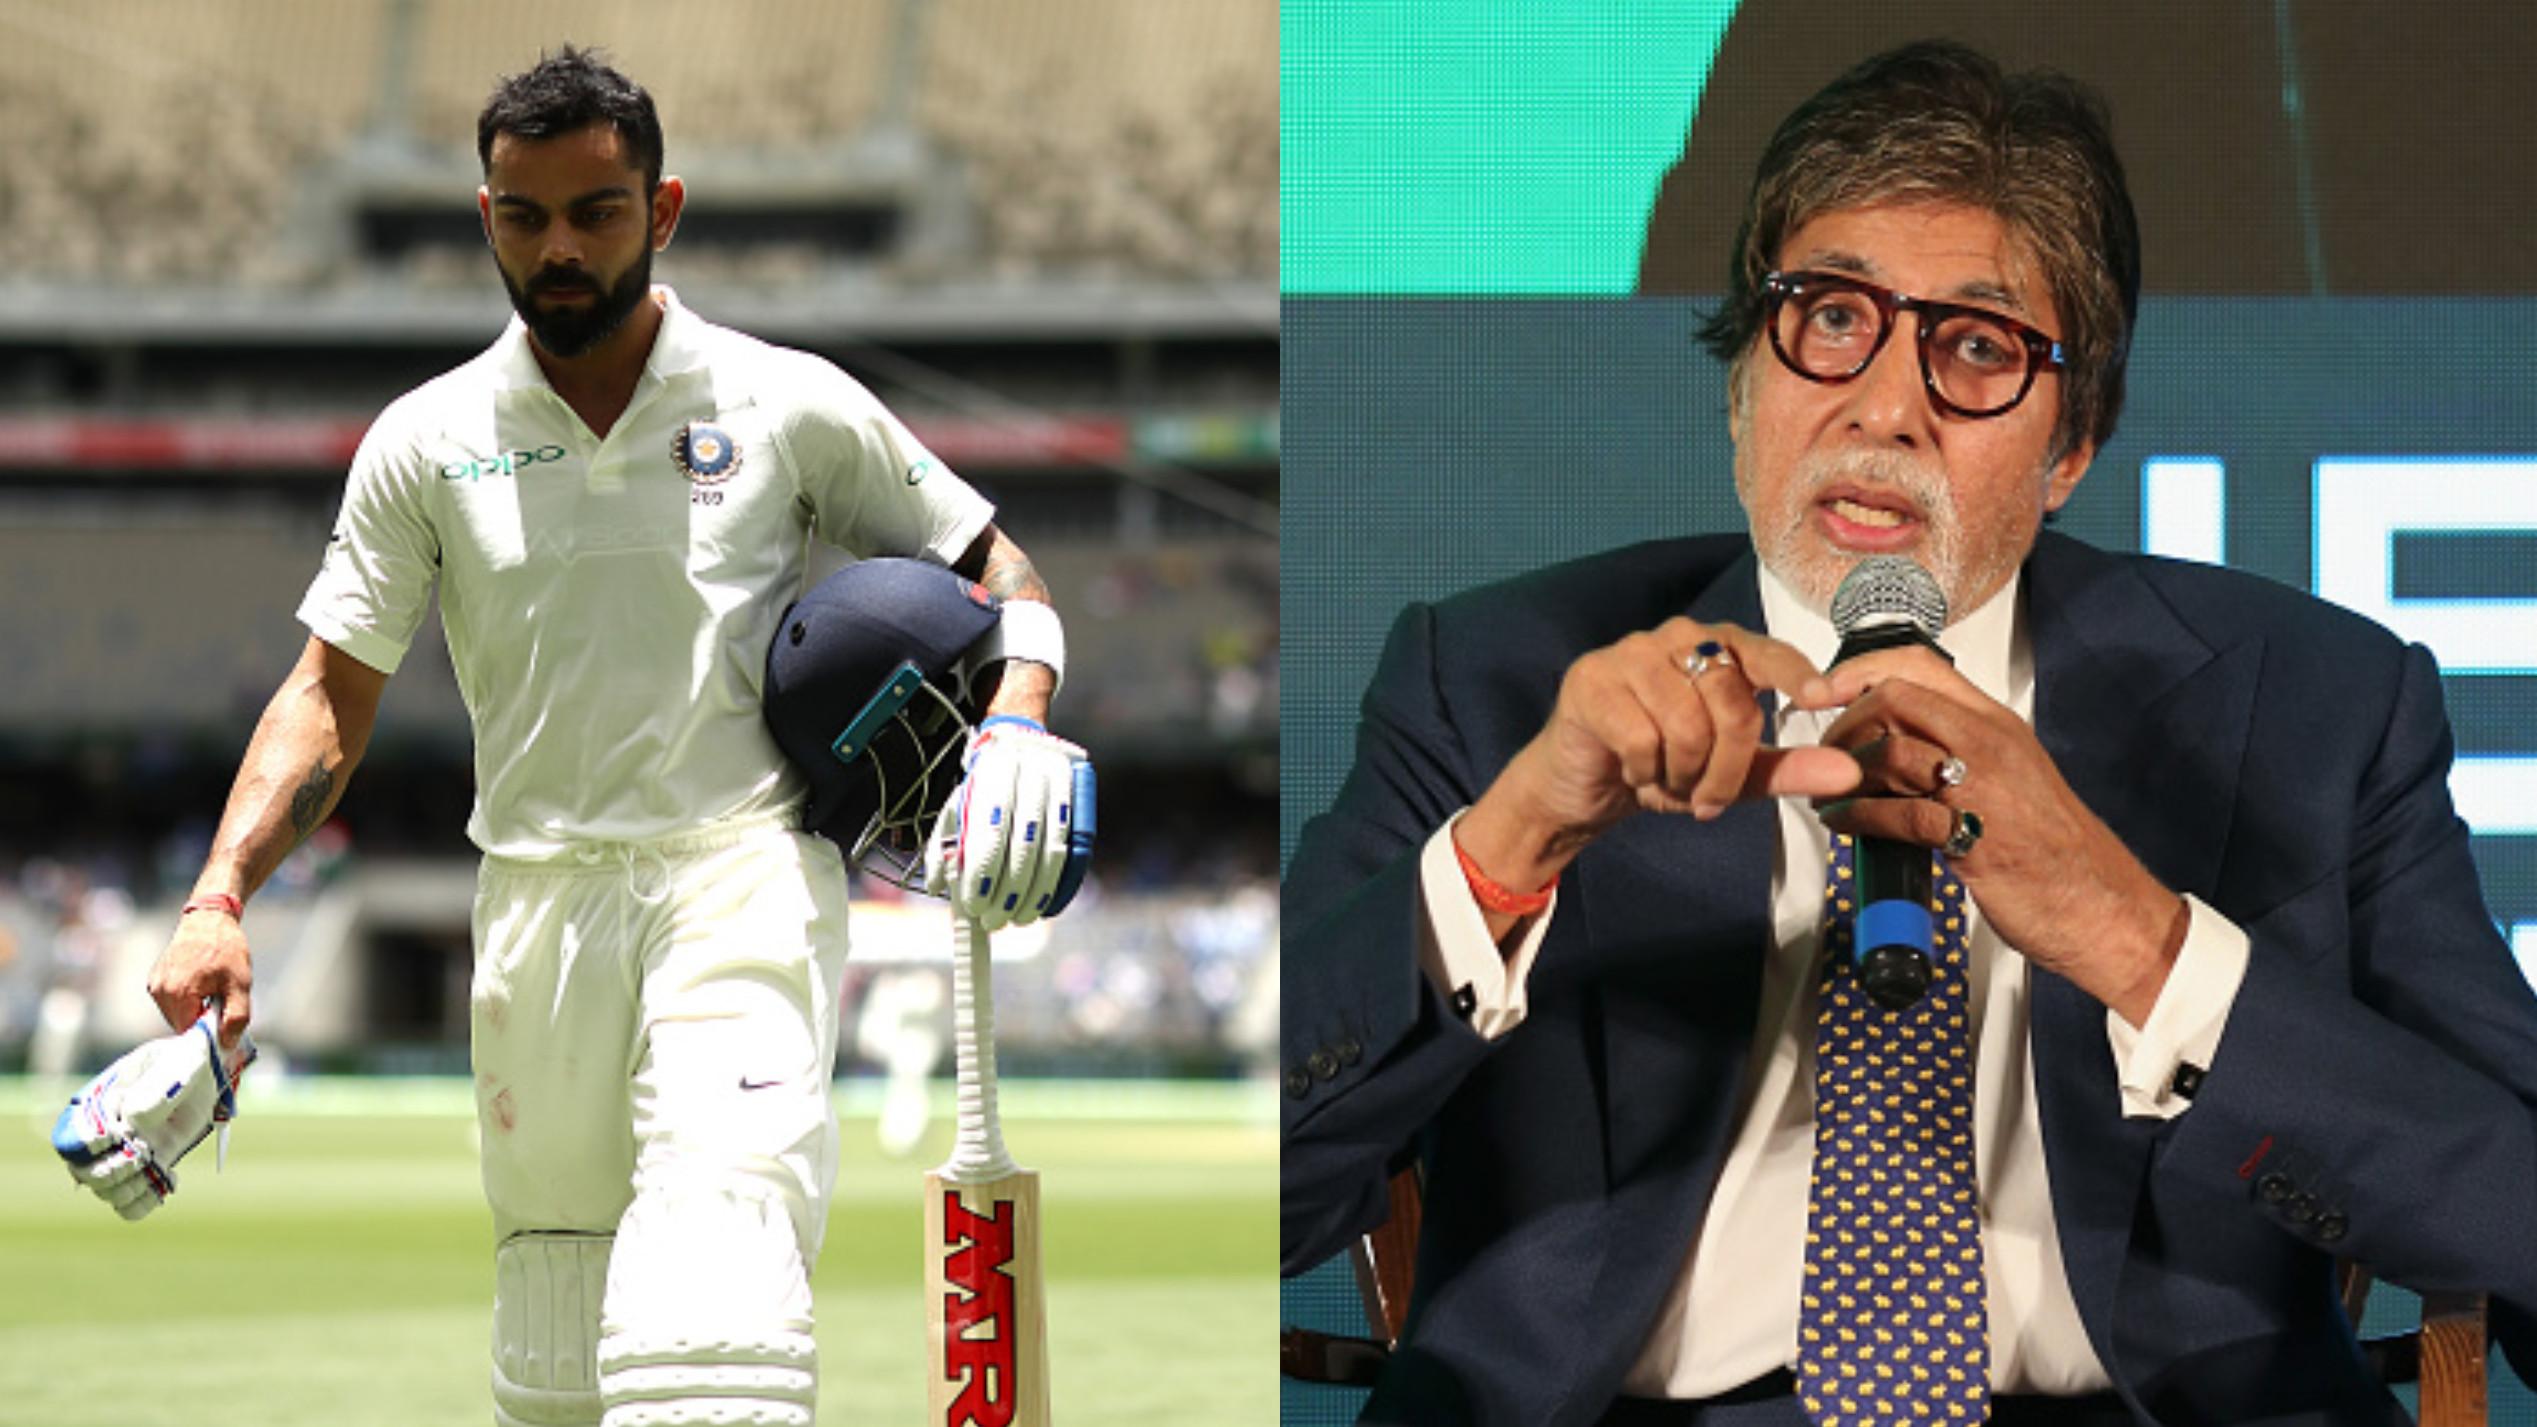 AUS v IND 2018-19 : अमिताभ बच्चन के अनुसार विराट कोहली आउट नहीं थे और की डीआरएस की आलोचना